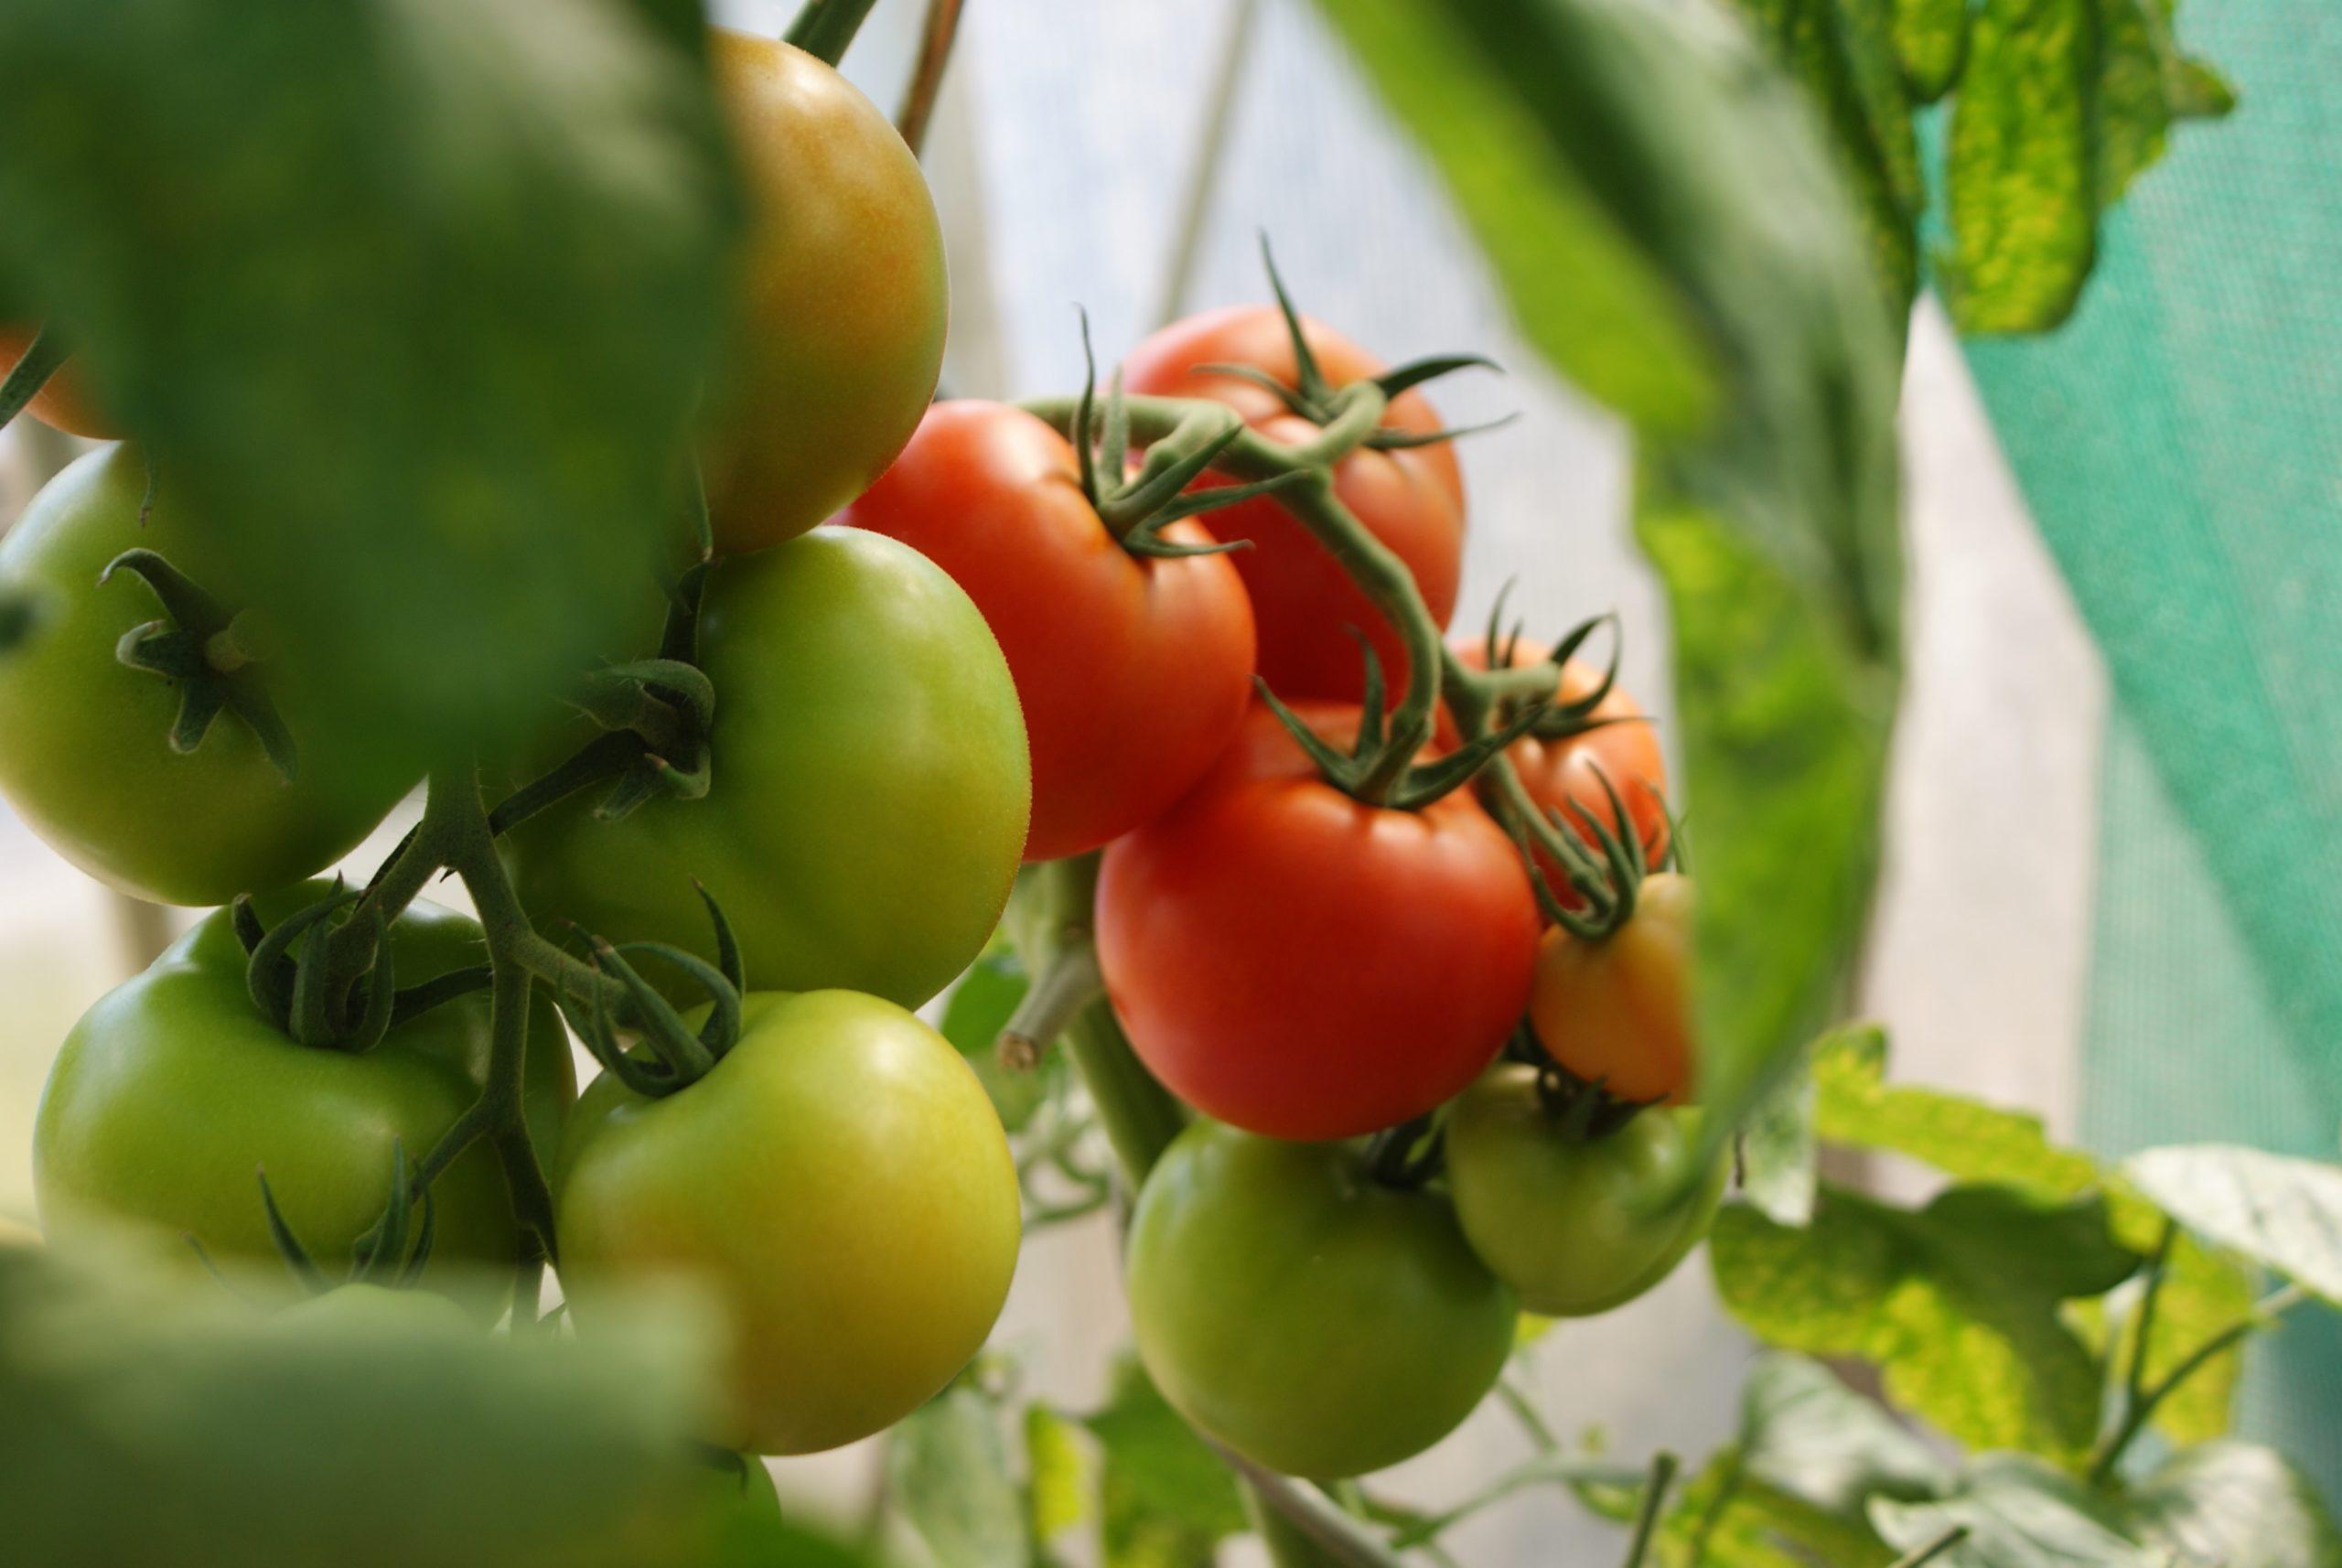 Comment faire pousser des tomates dans le jardin : le guide simple et complet